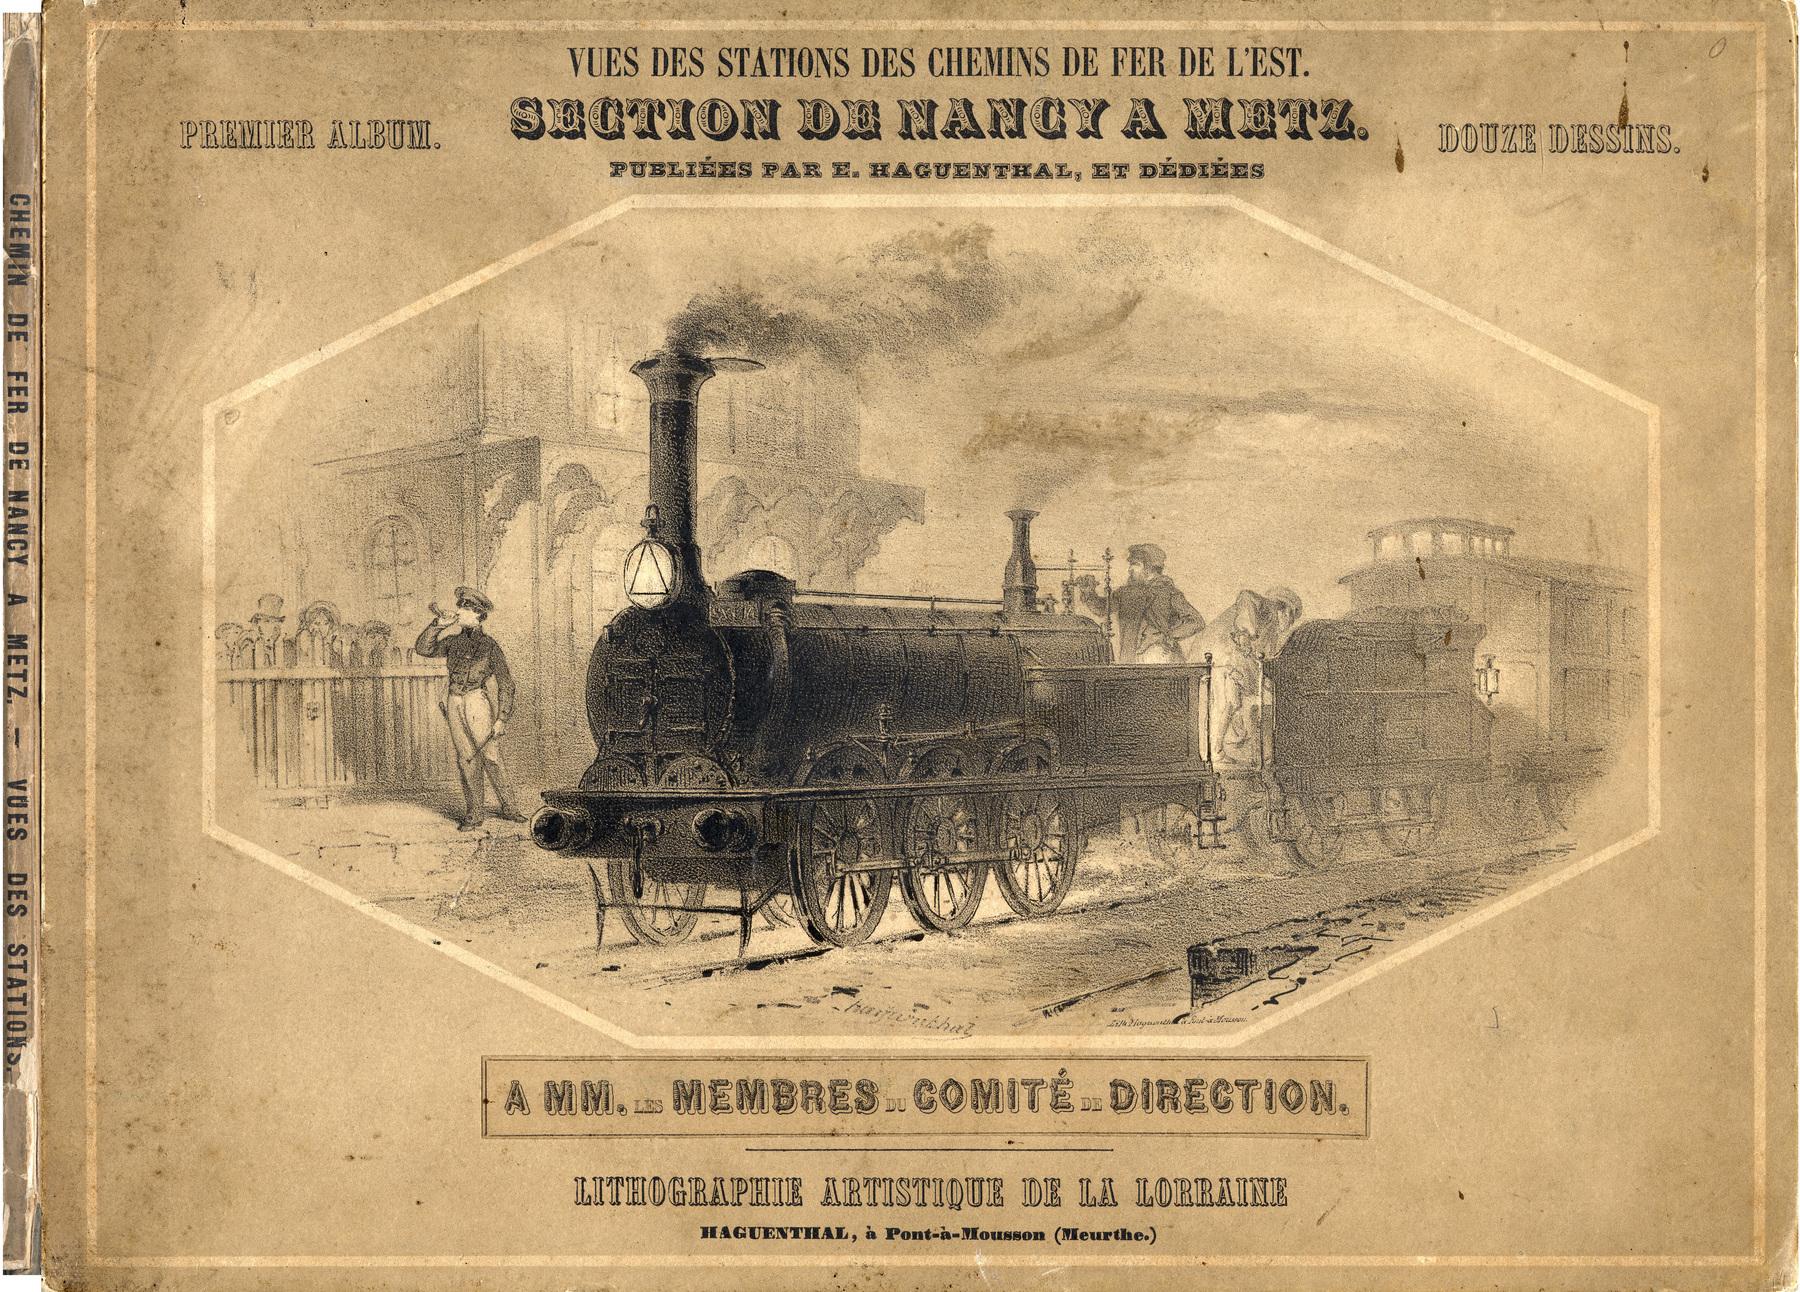 Contenu du Vues des stations des chemins de fer de l'Est. Section de Nancy à Metz.